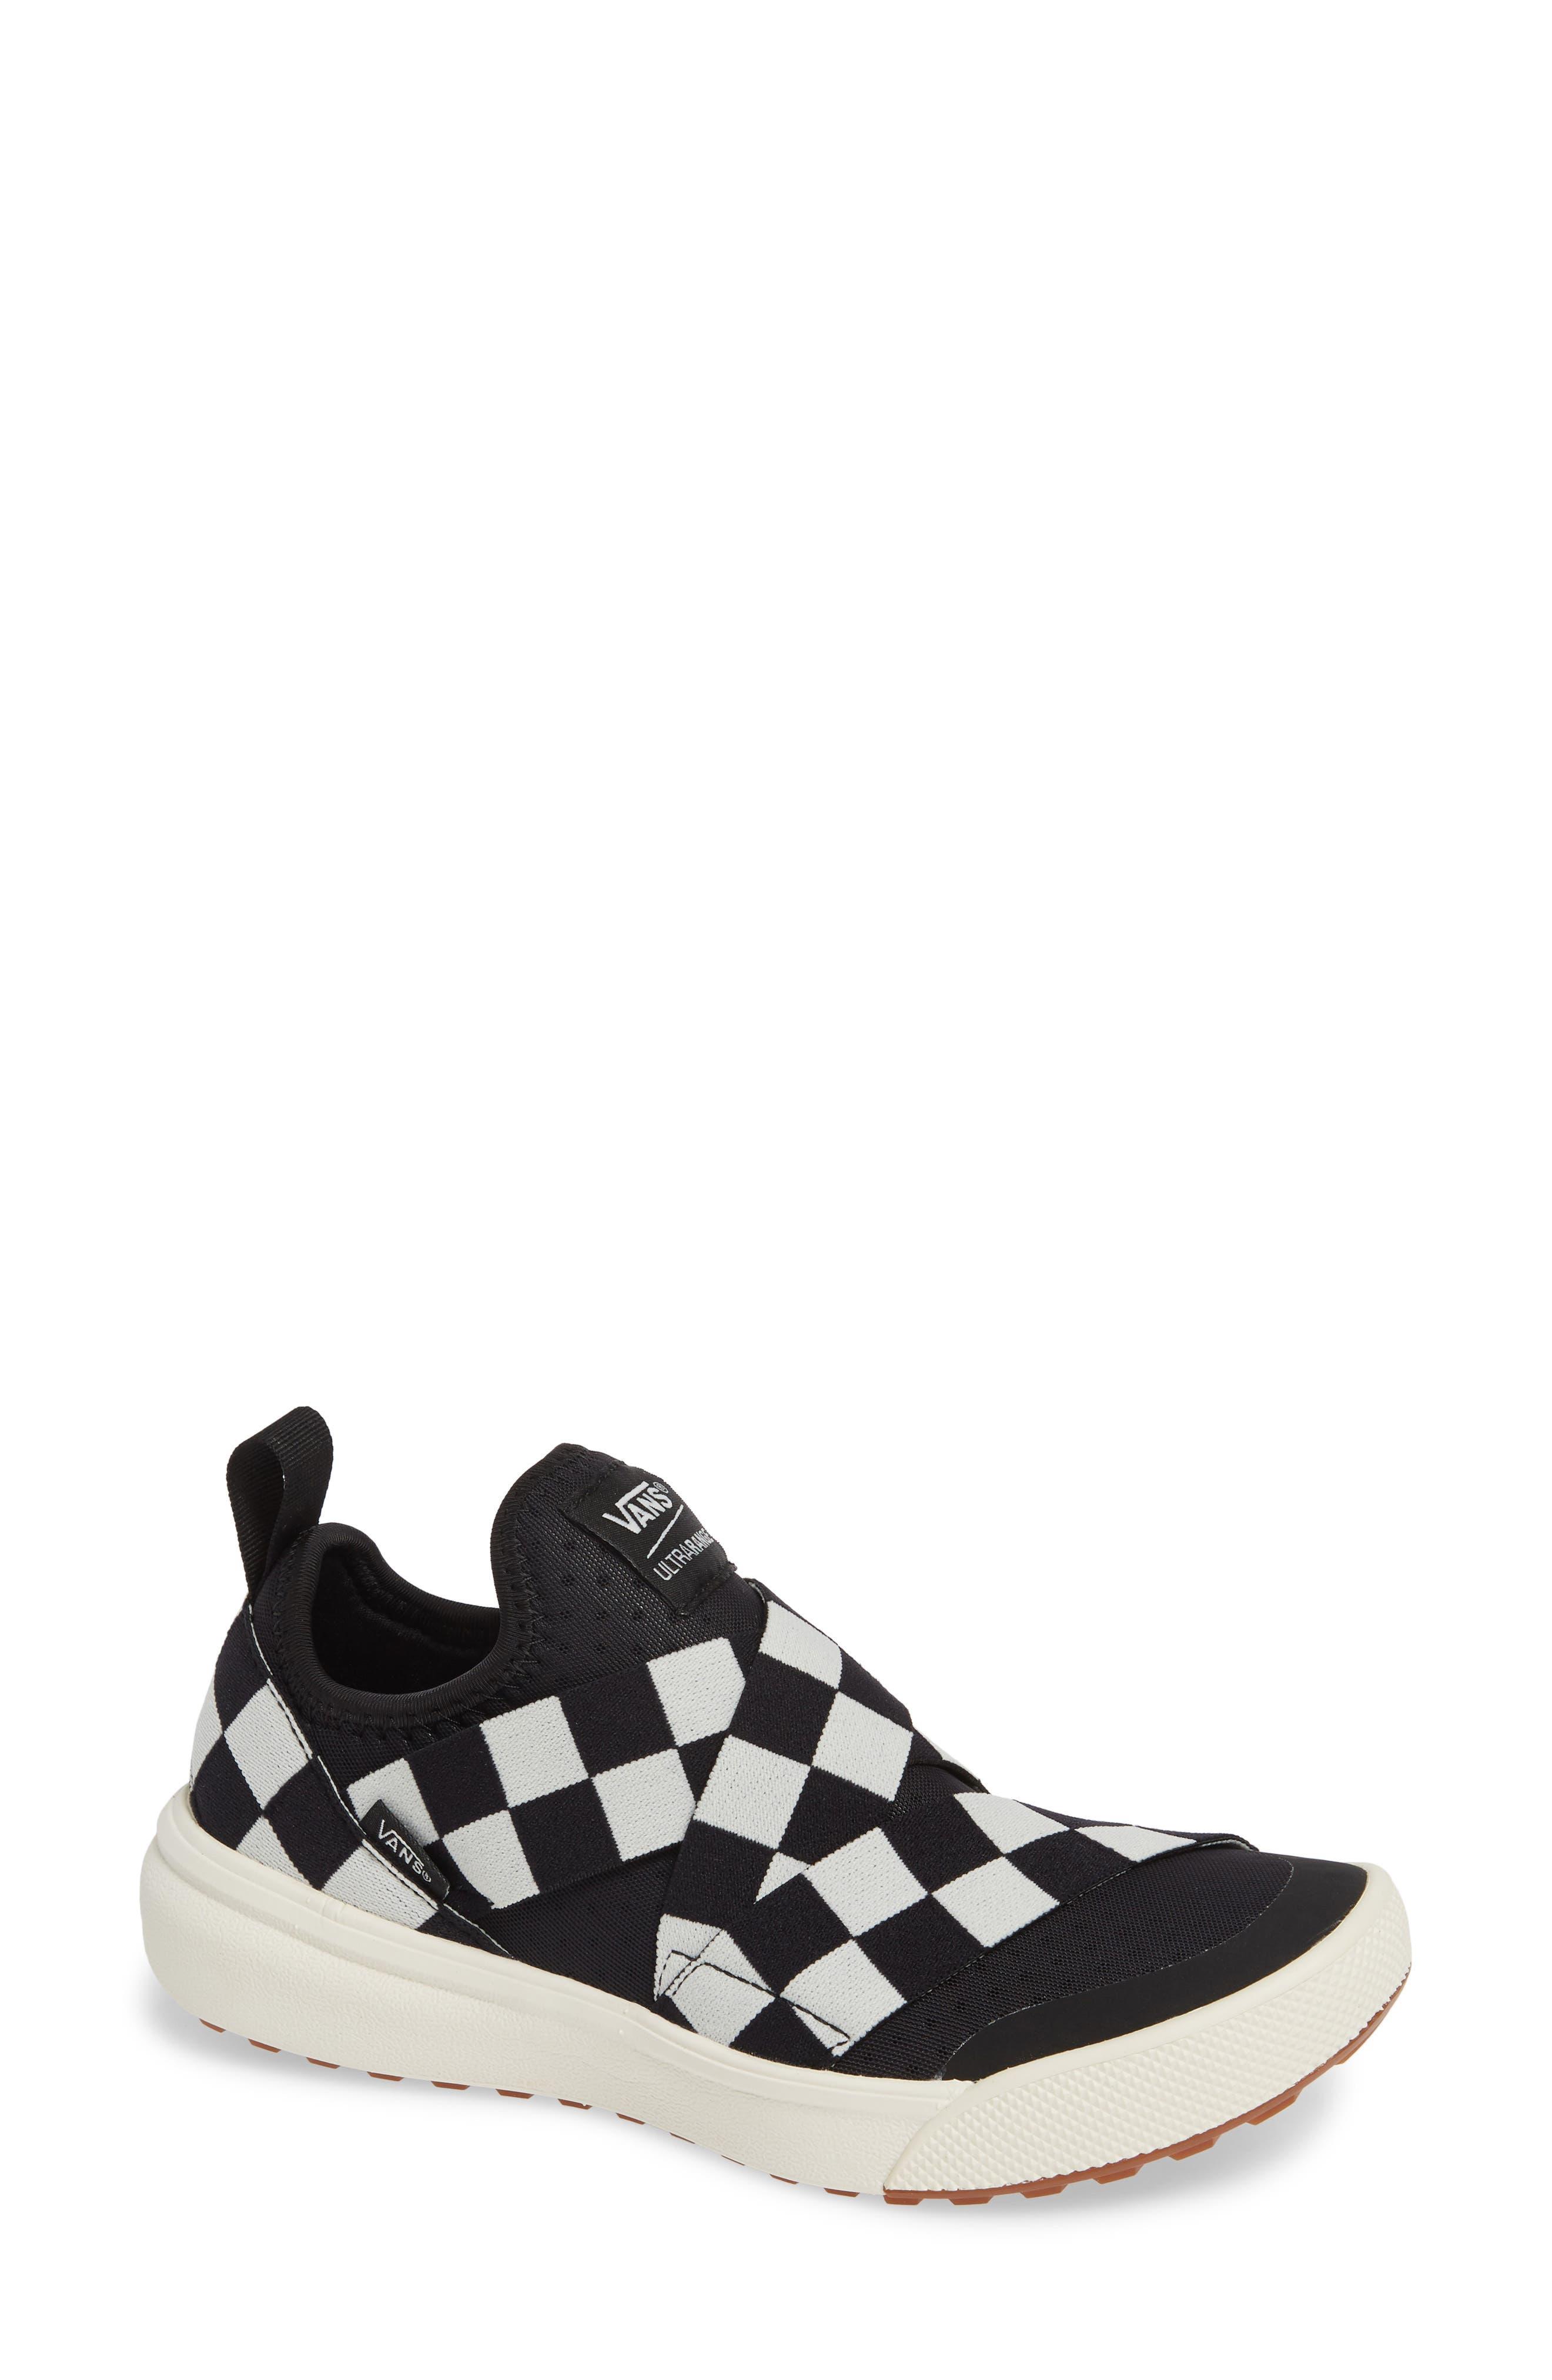 UltraRange Gore Slip-On Sneaker, Main, color, 001